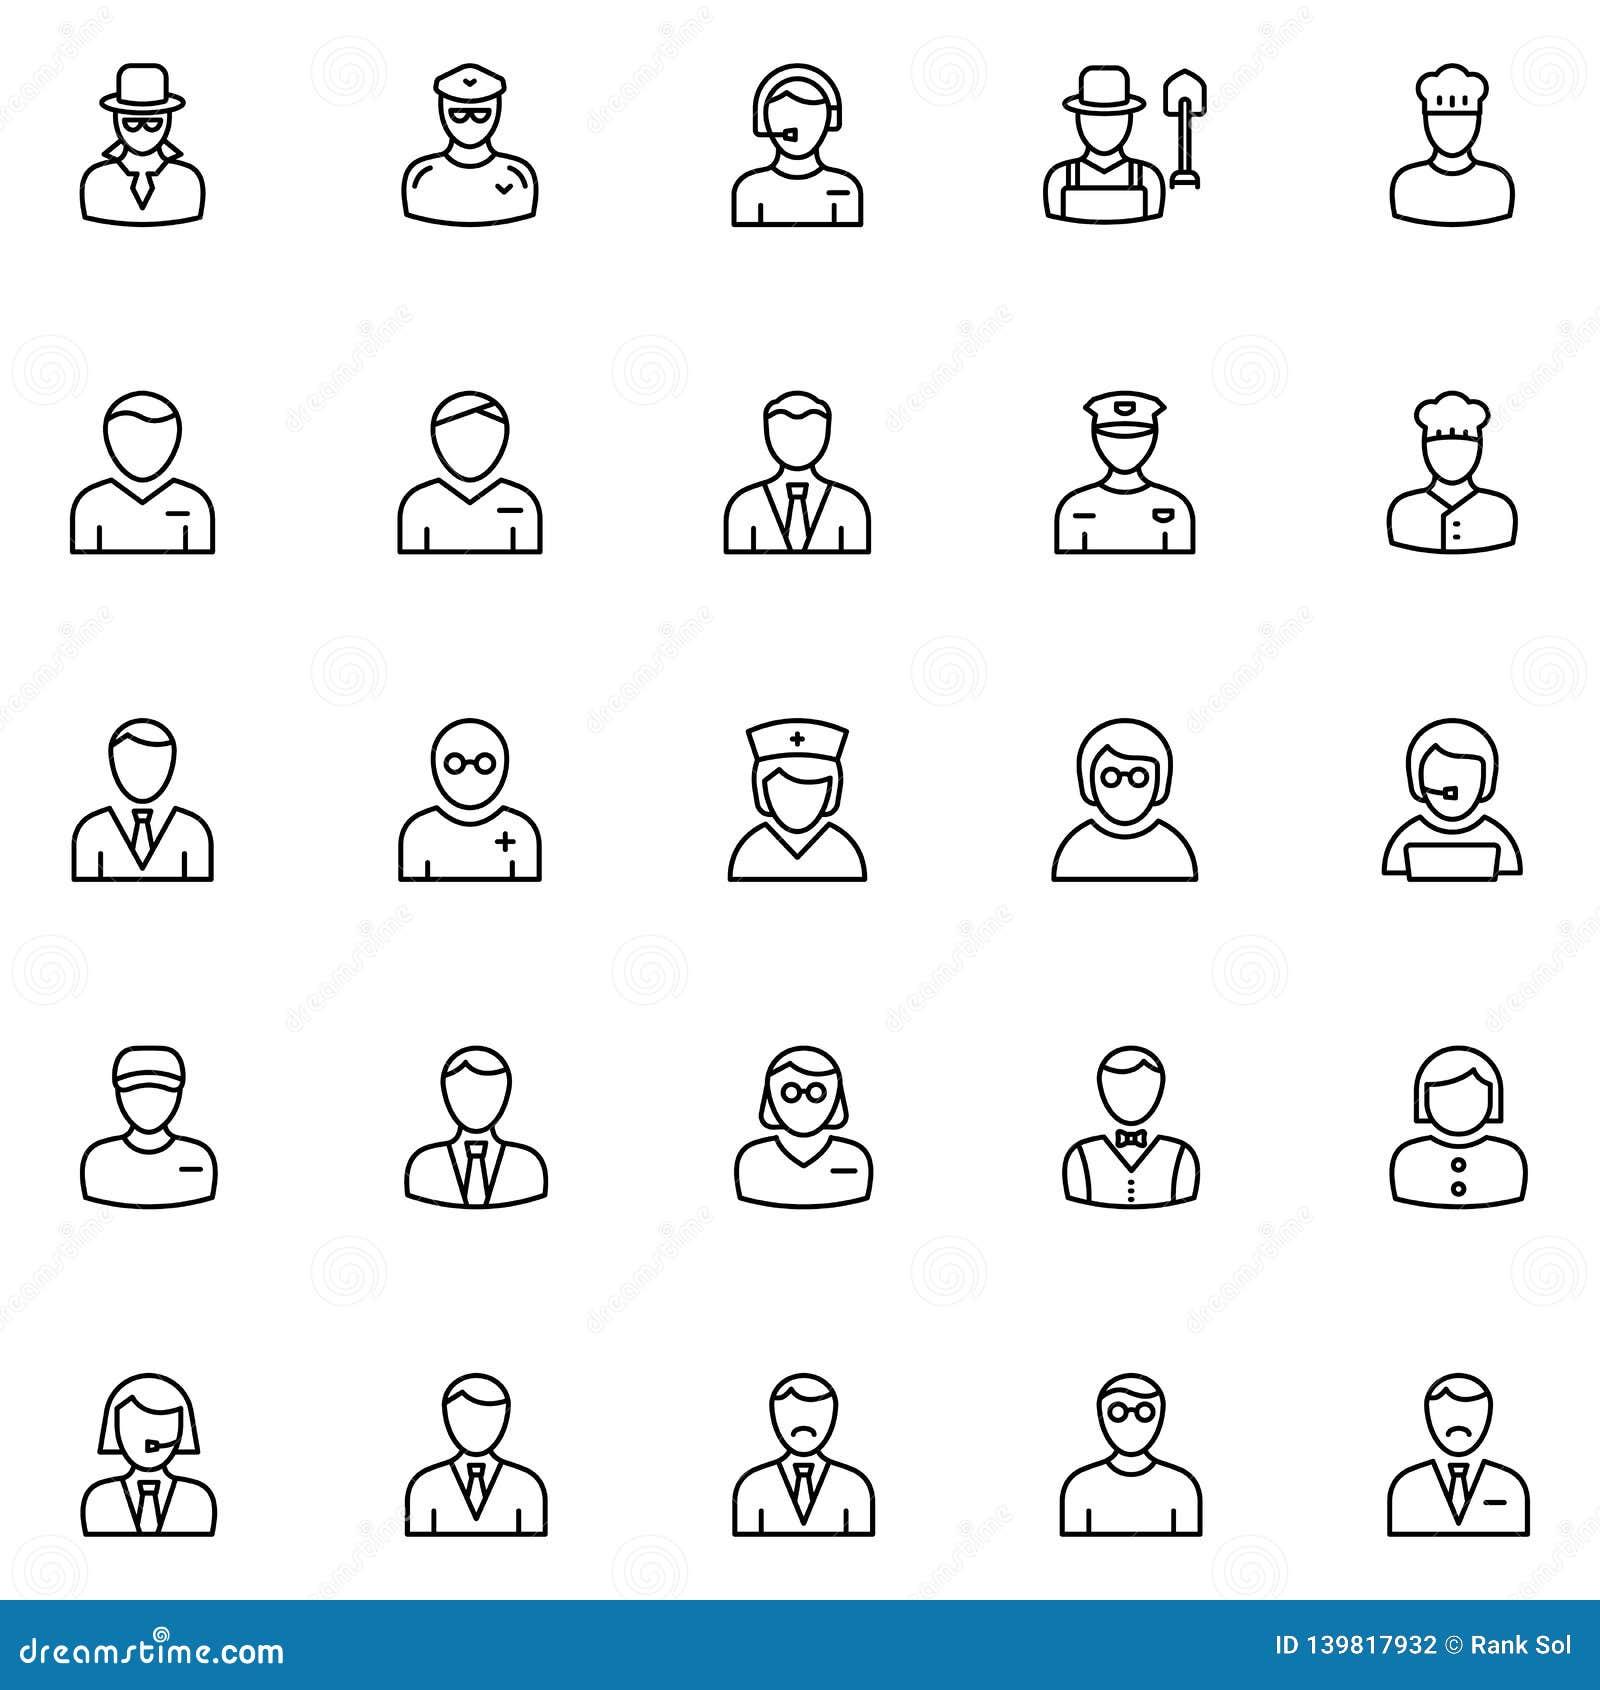 Professionele Vector Geplaatste Pictogrammen die zich gemakkelijk kunnen wijzigen of uitgeven